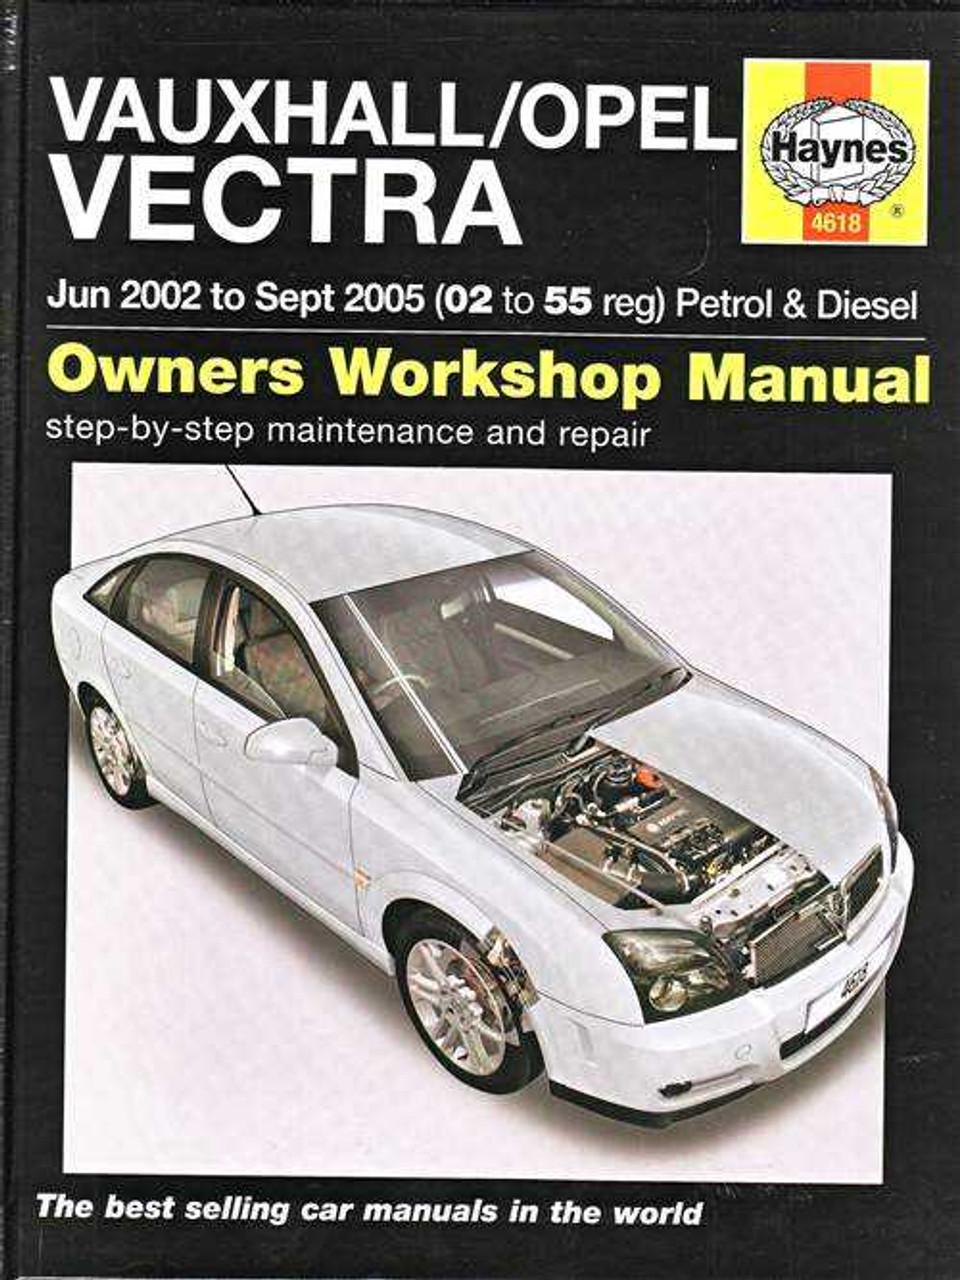 holden vectra 2002 2005 workshop manual rh automotobookshop com au holden vectra workshop manual holden vectra workshop manual